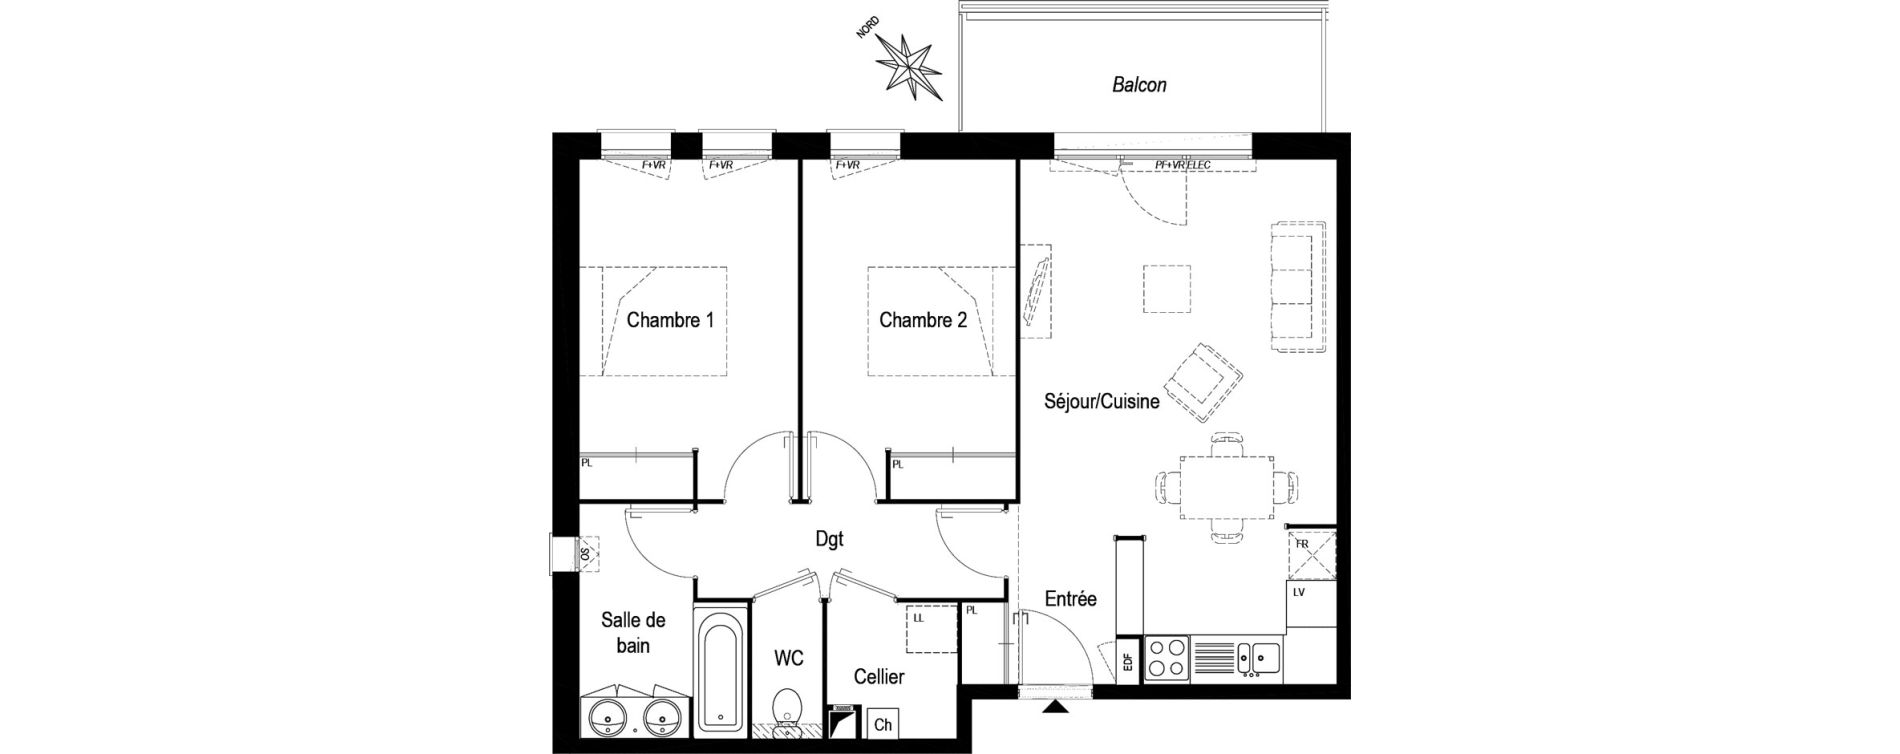 Appartement T3 de 67,55 m2 à Biganos Centre